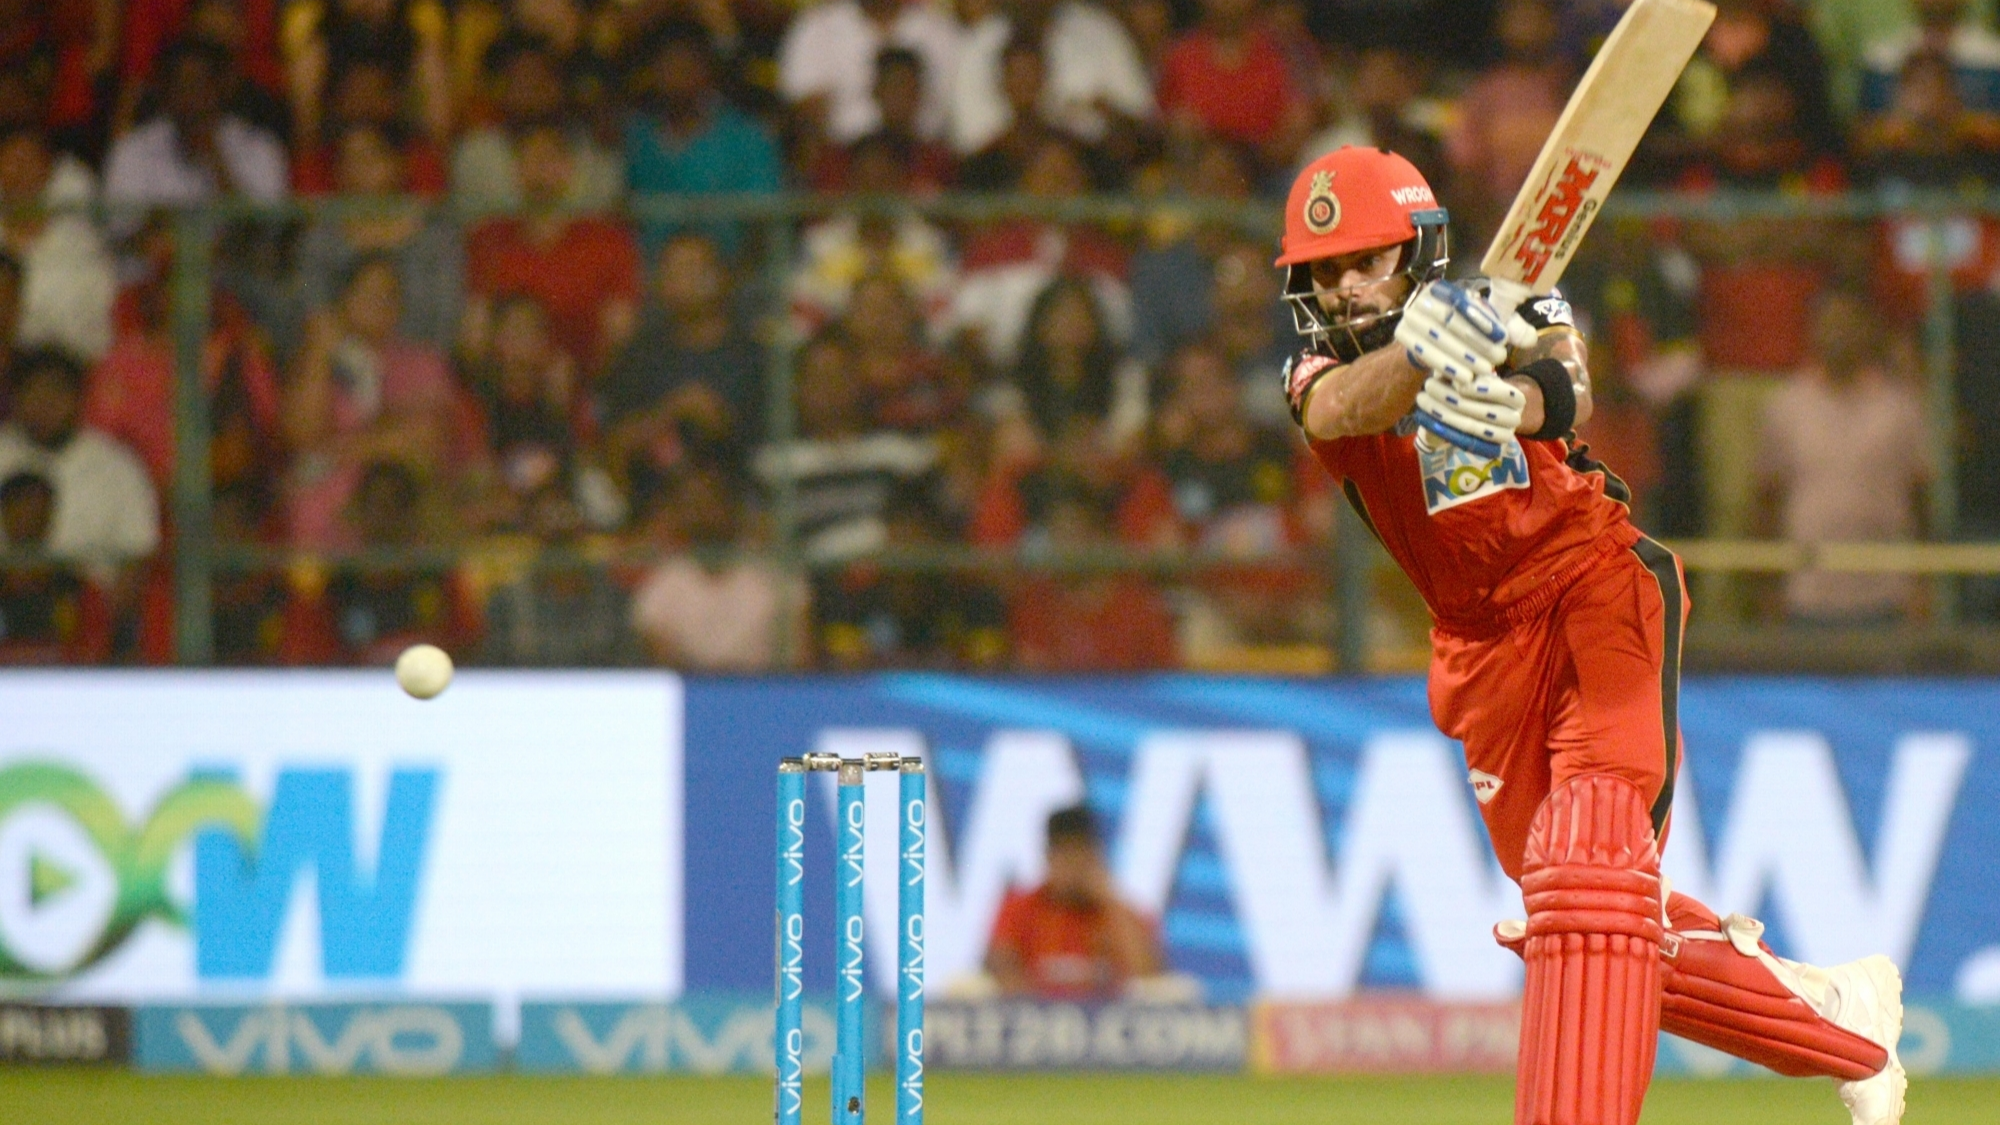 IPL 2018: Virat Kohli might miss RCB's must-win clash against Delhi Daredevils tonight